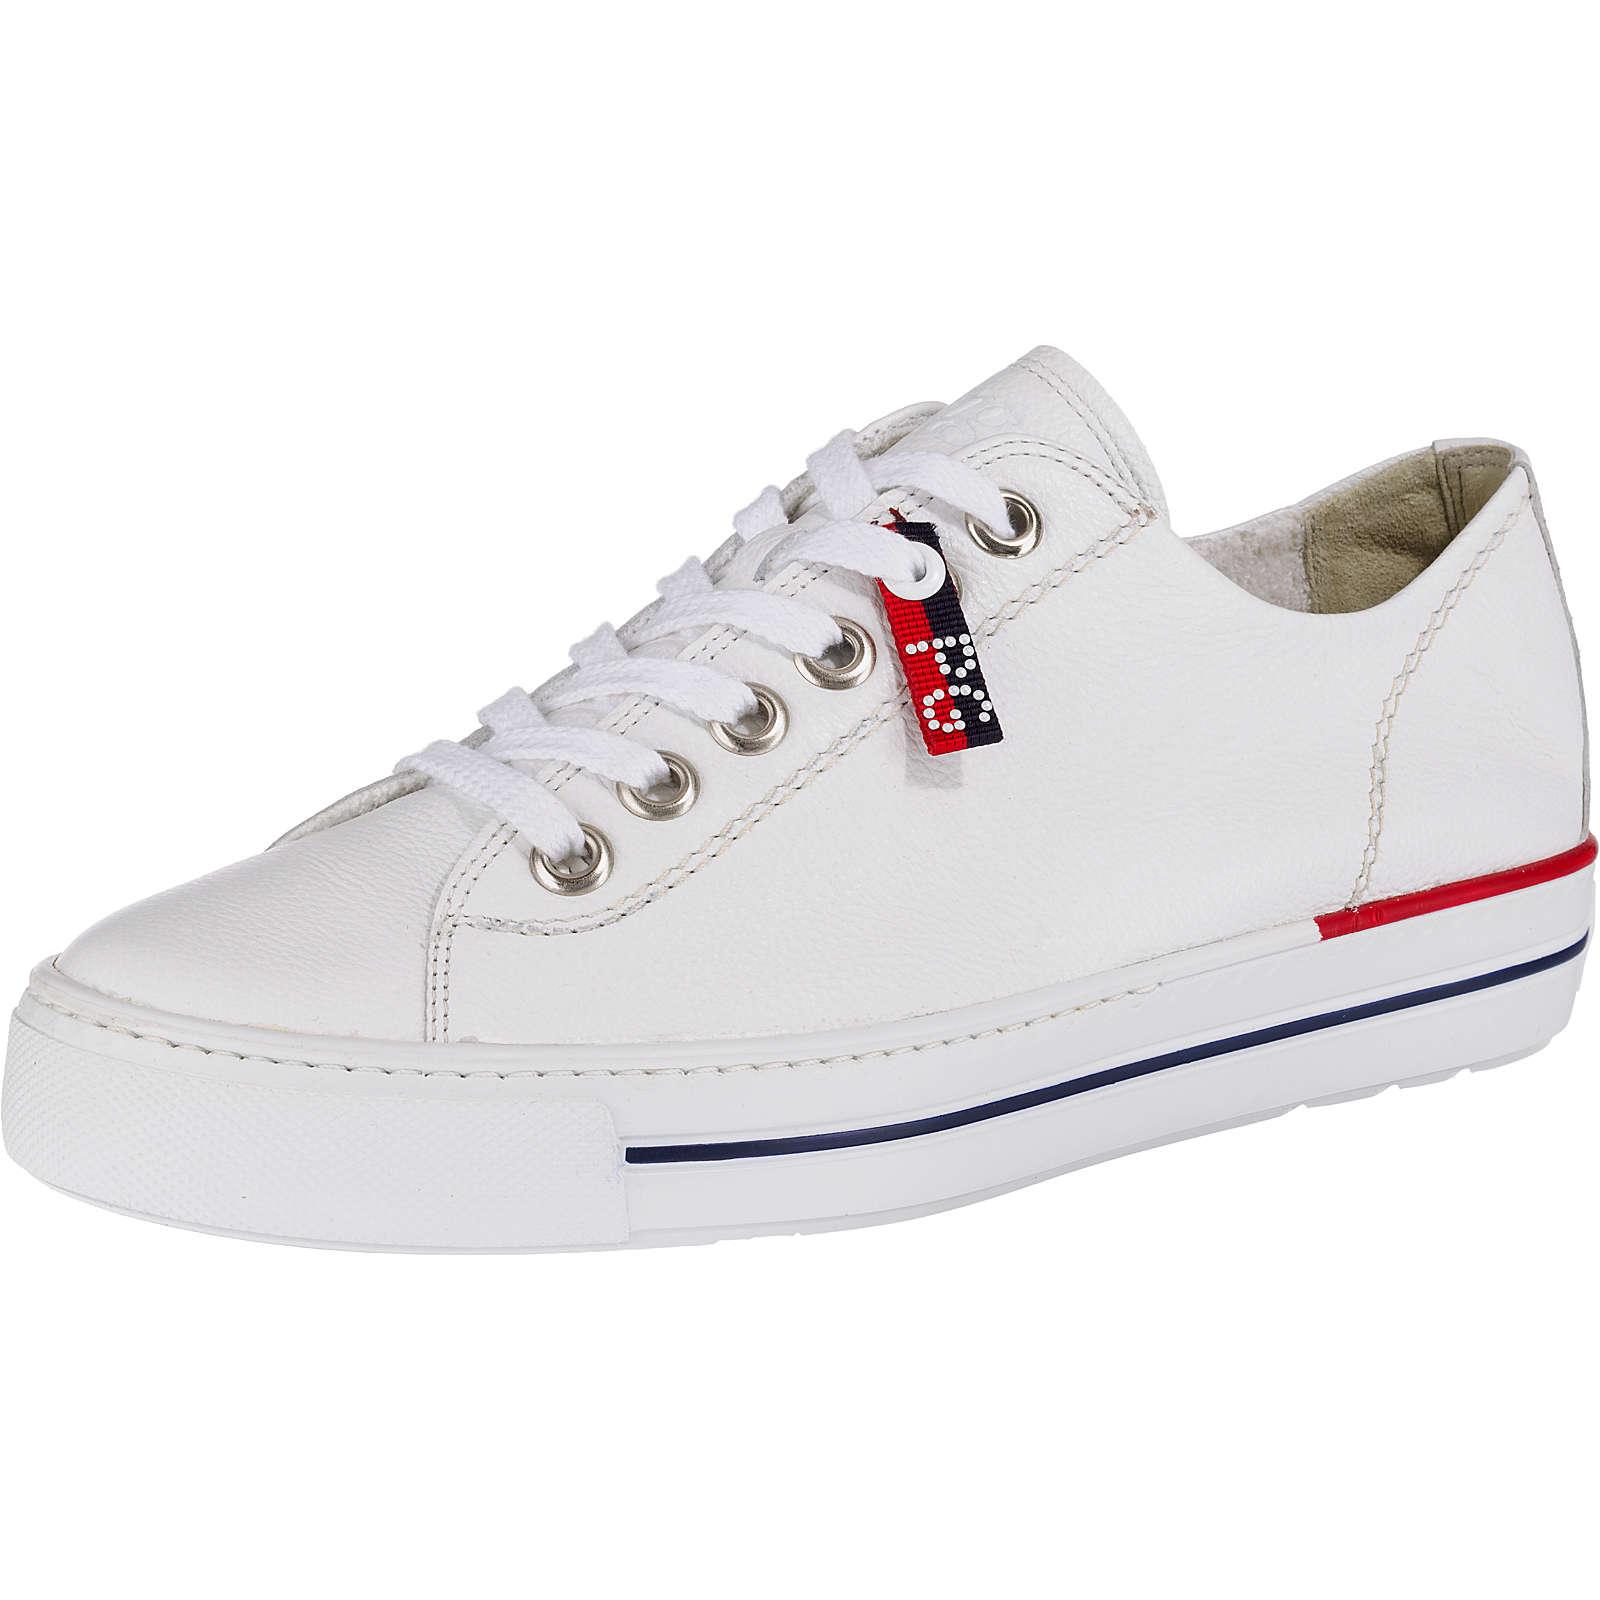 Paul Green Sneakers Low weiß Damen Gr. 40